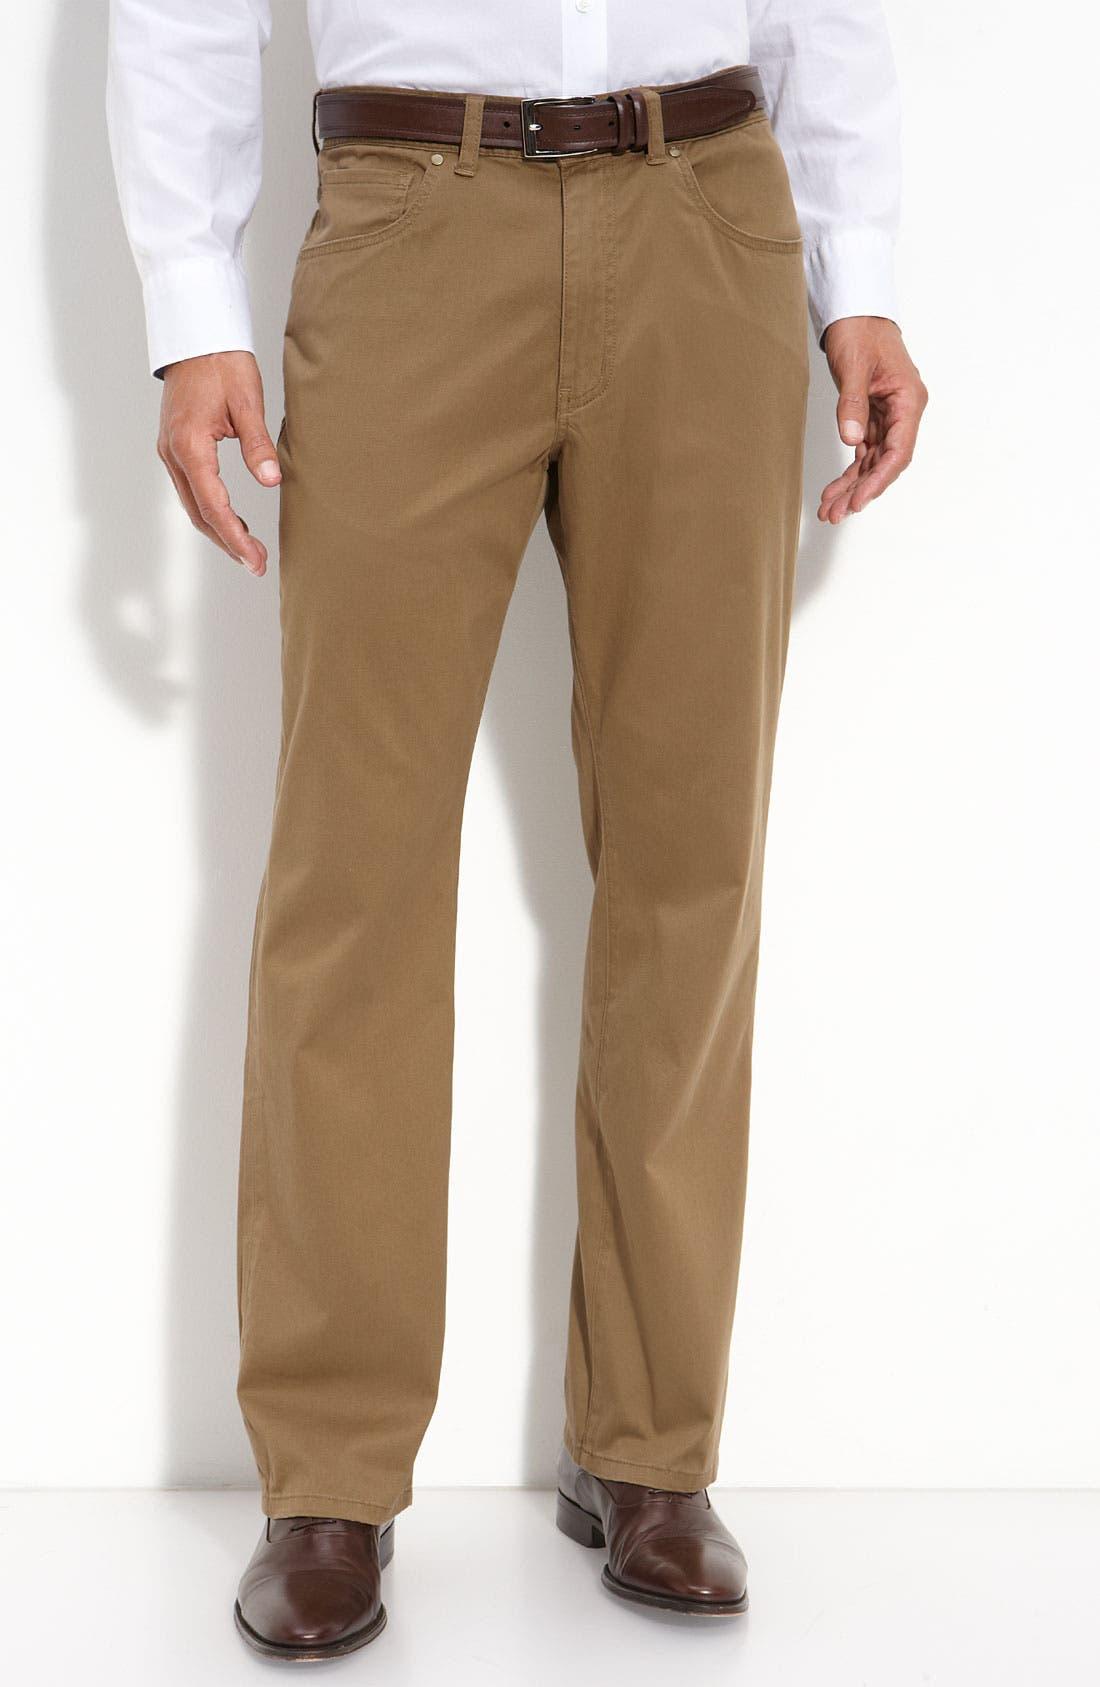 Main Image - Cutter & Buck 'Colin' Twill Pants (Big & Tall)